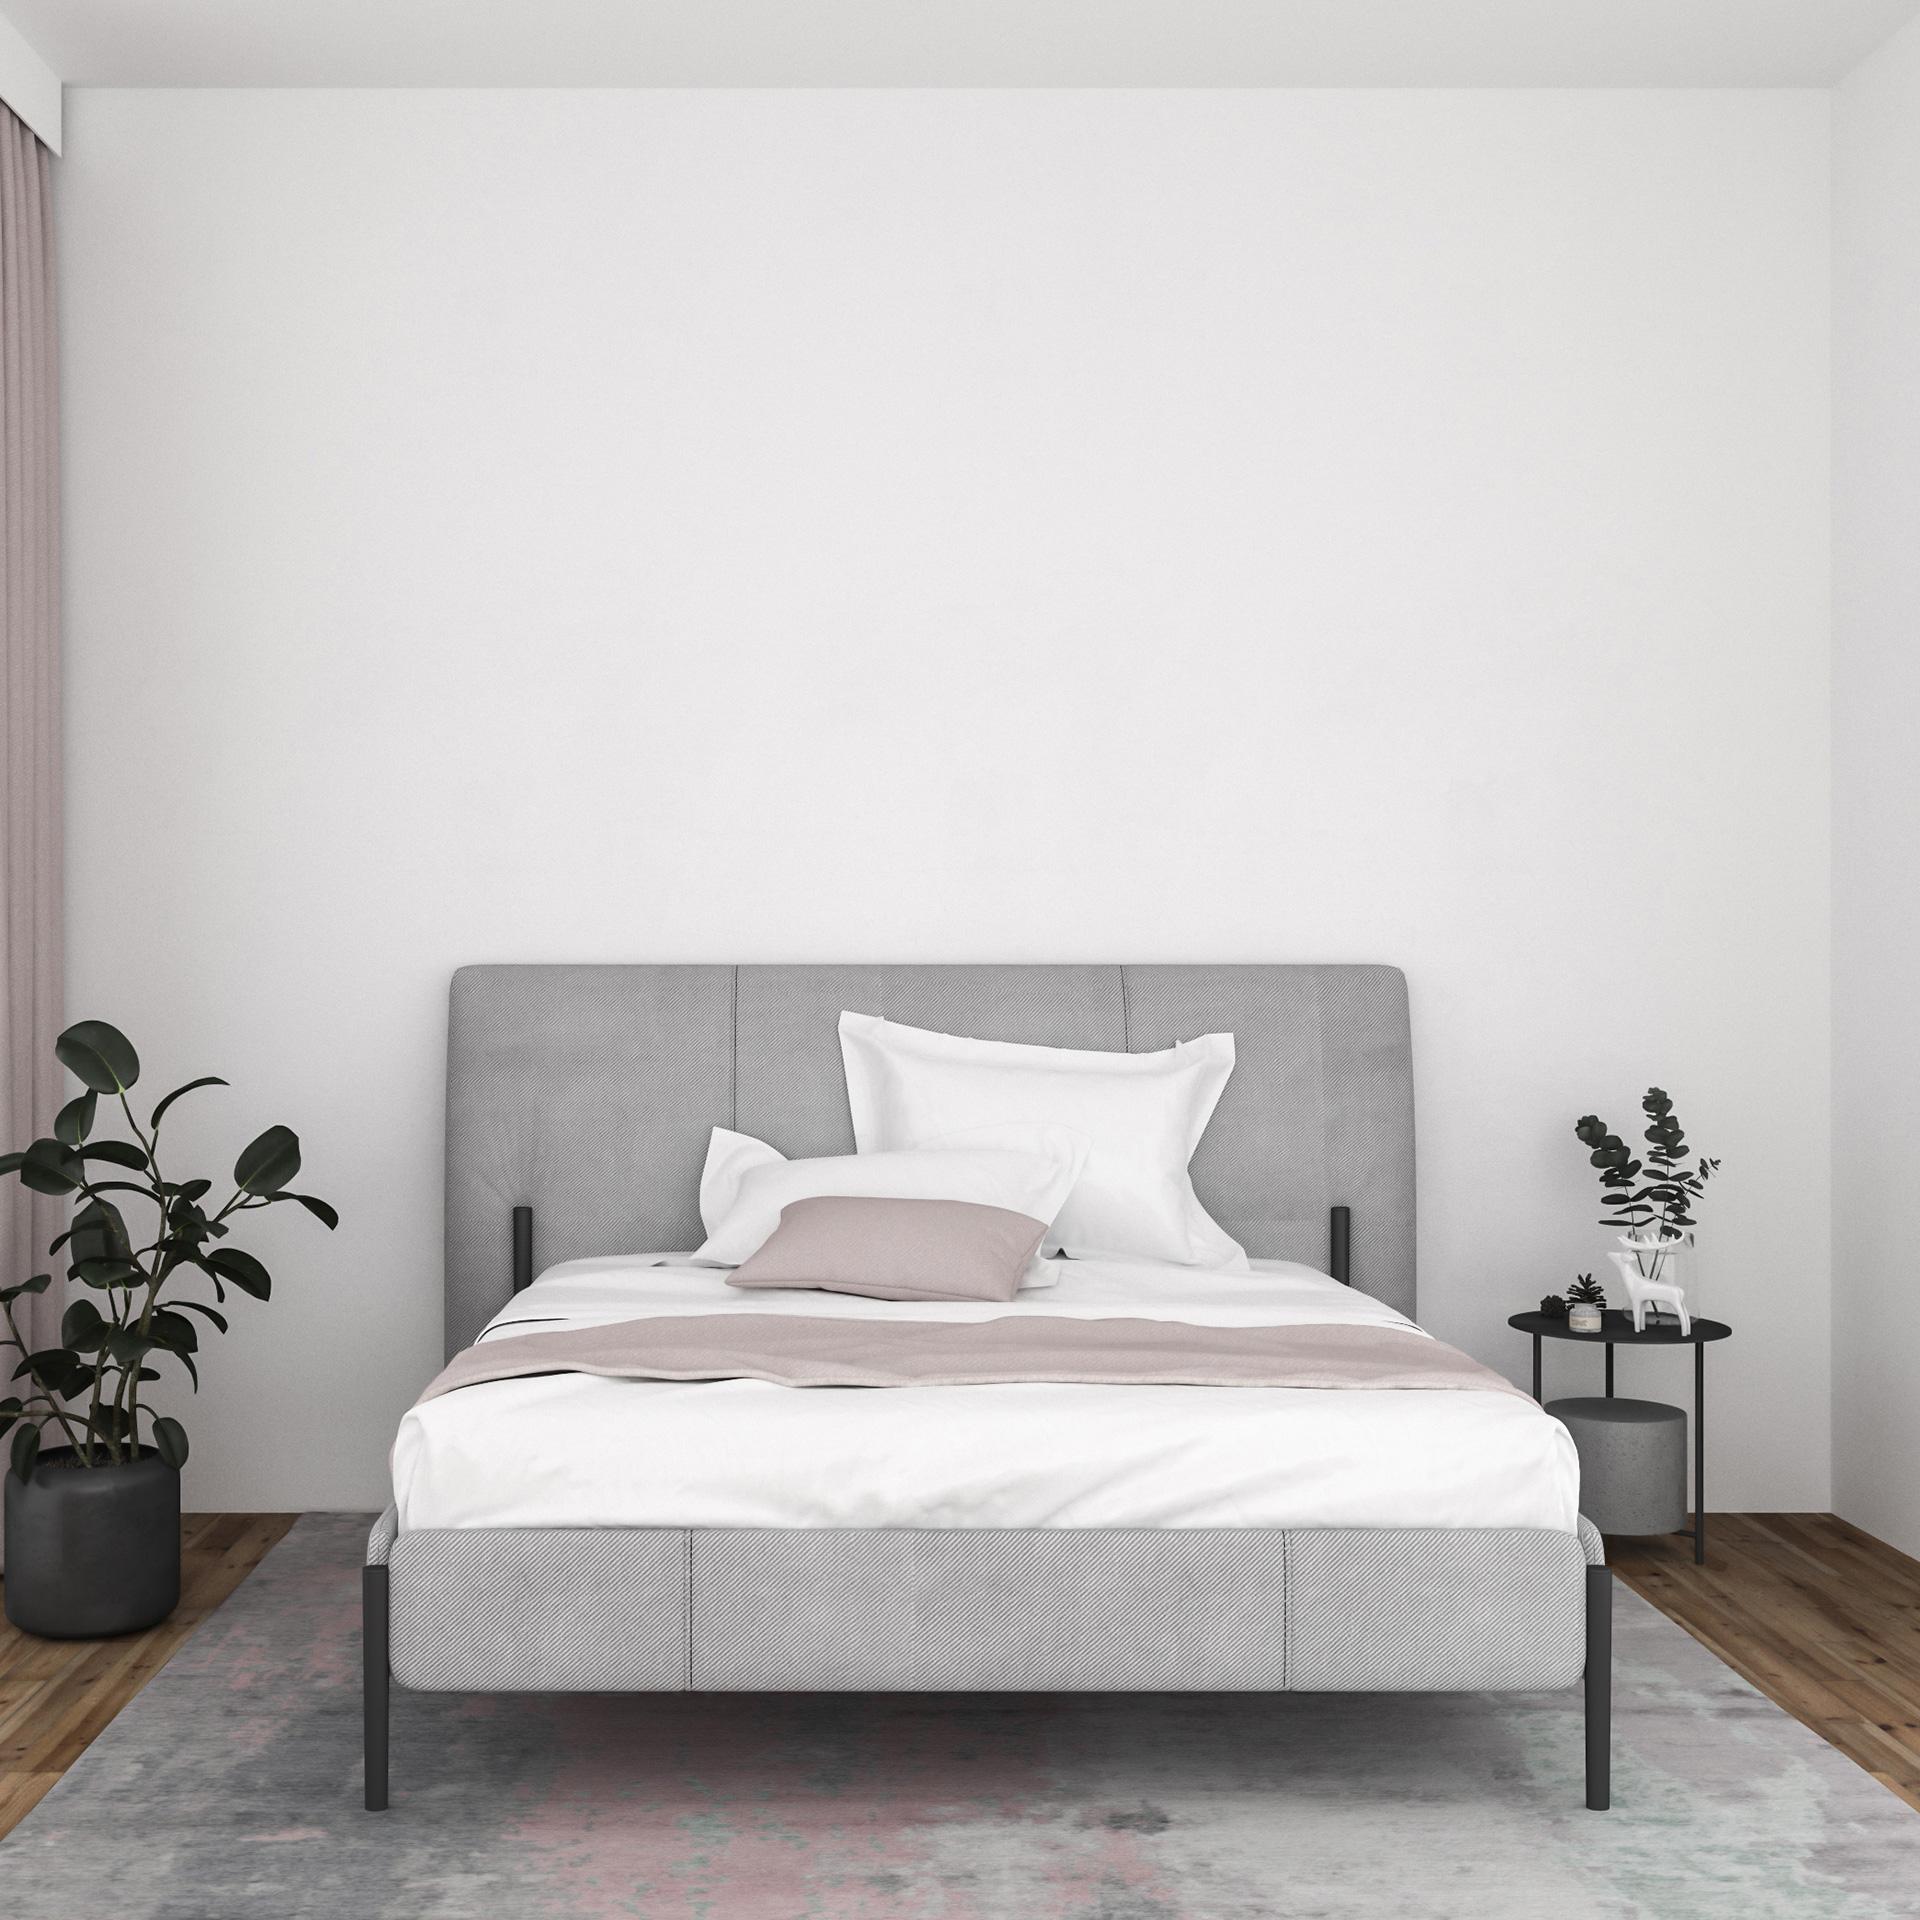 買替えるなら今!思い描いた空間を作る ソファベッドが3人掛け・2人掛け 他店よりもお手ごろな価格で